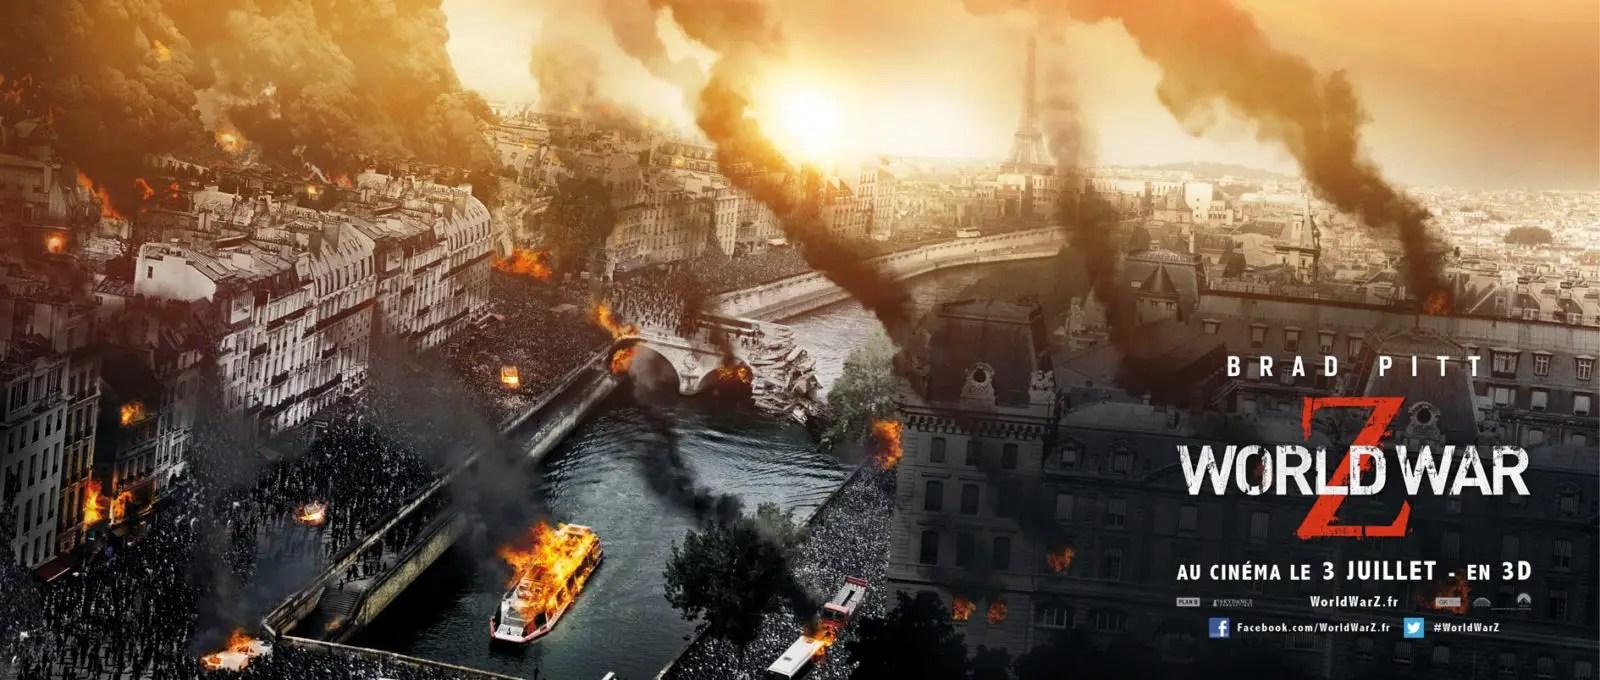 [news] World War Z : Les affiches de destruction des grandes capitales